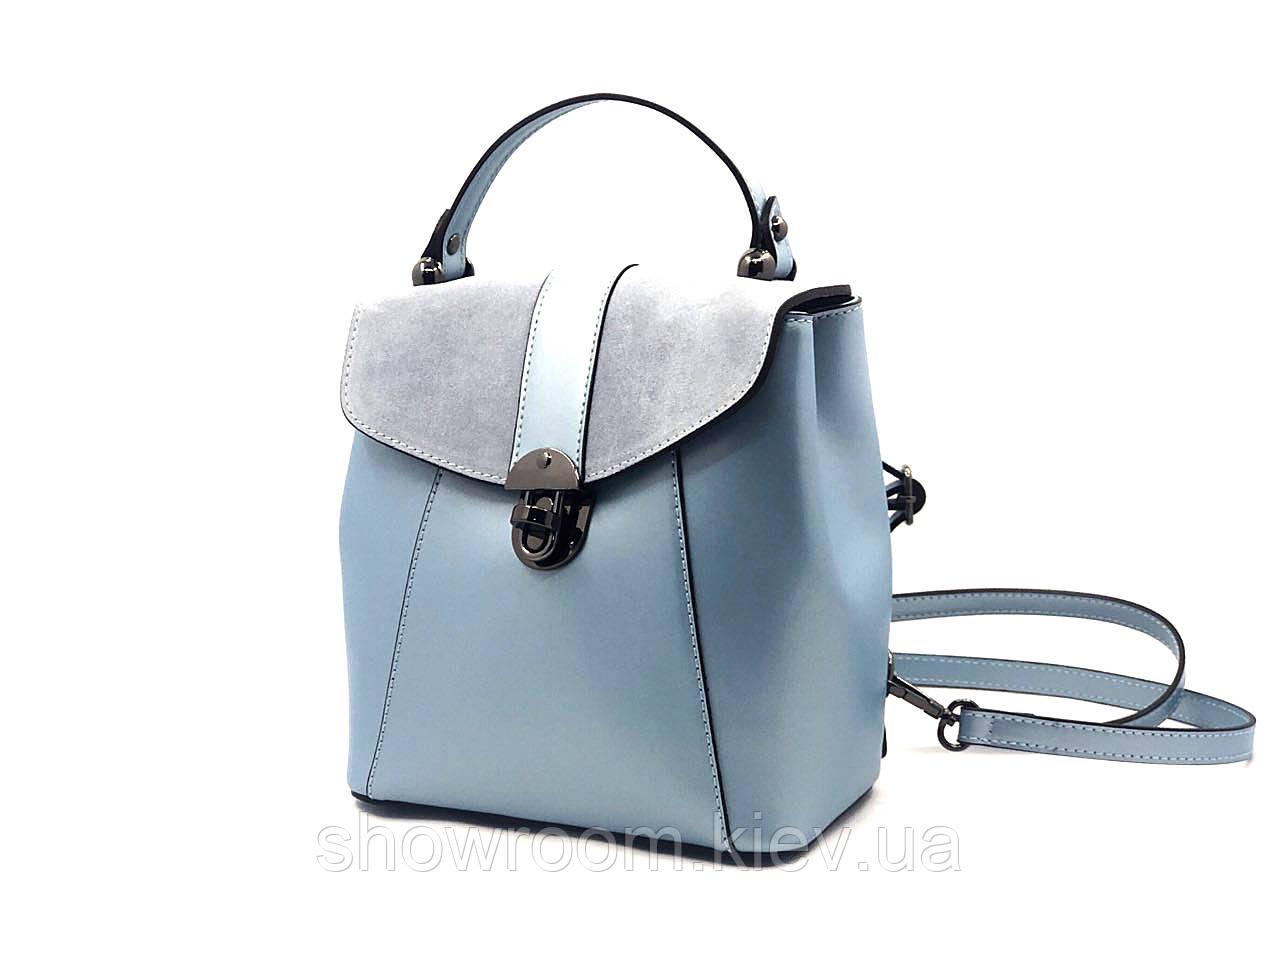 Женская кожаная сумка-рюкзак Laura Biaggi (141330) голубая